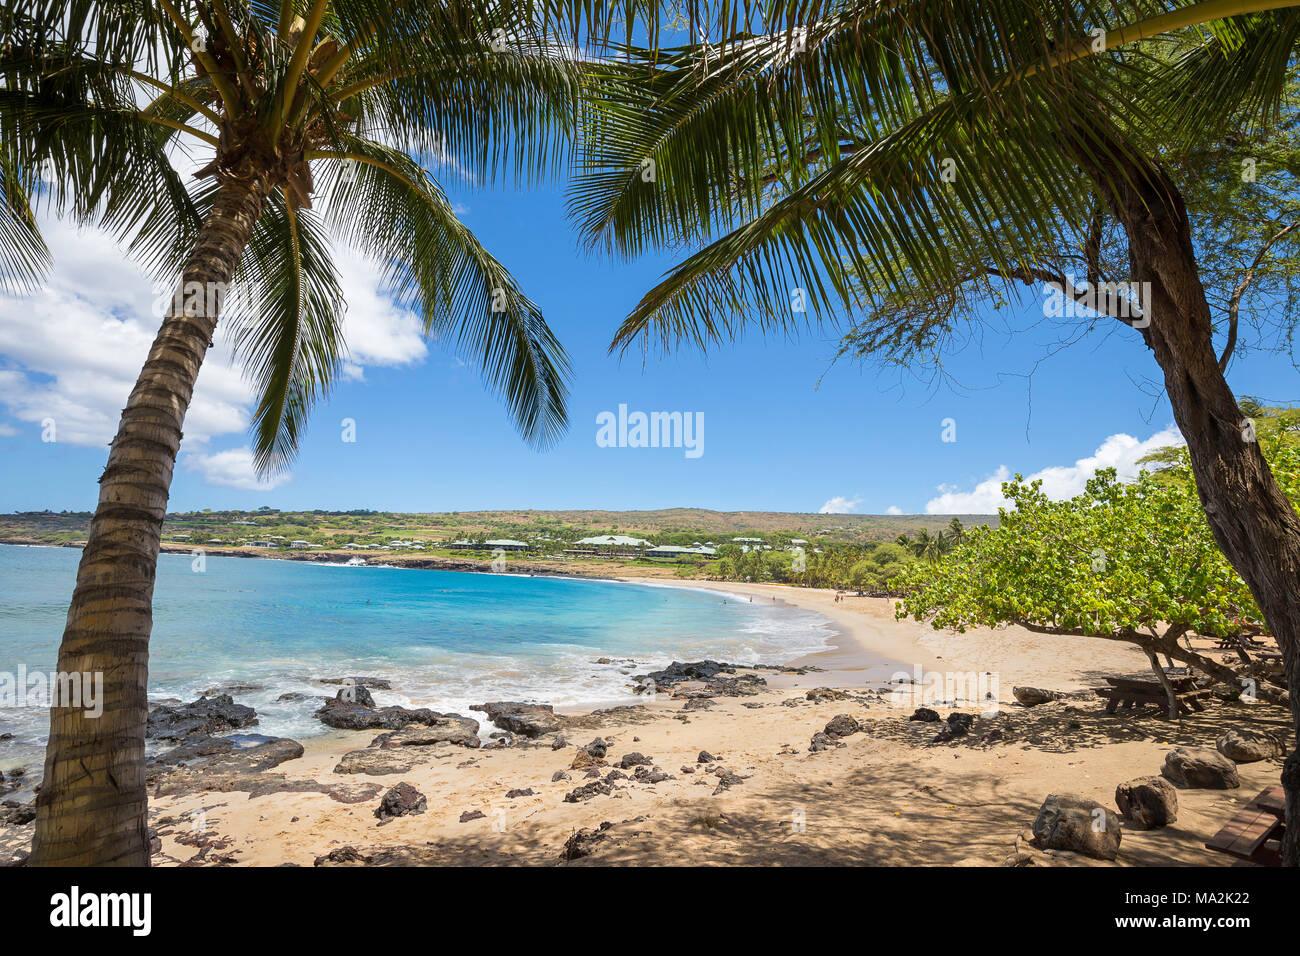 Four Seasons Resort con vistas a la playa de arena dorada y palmeras en Hulopo'e Beach Park, la isla de Lanai, Hawaii, USA. Foto de stock